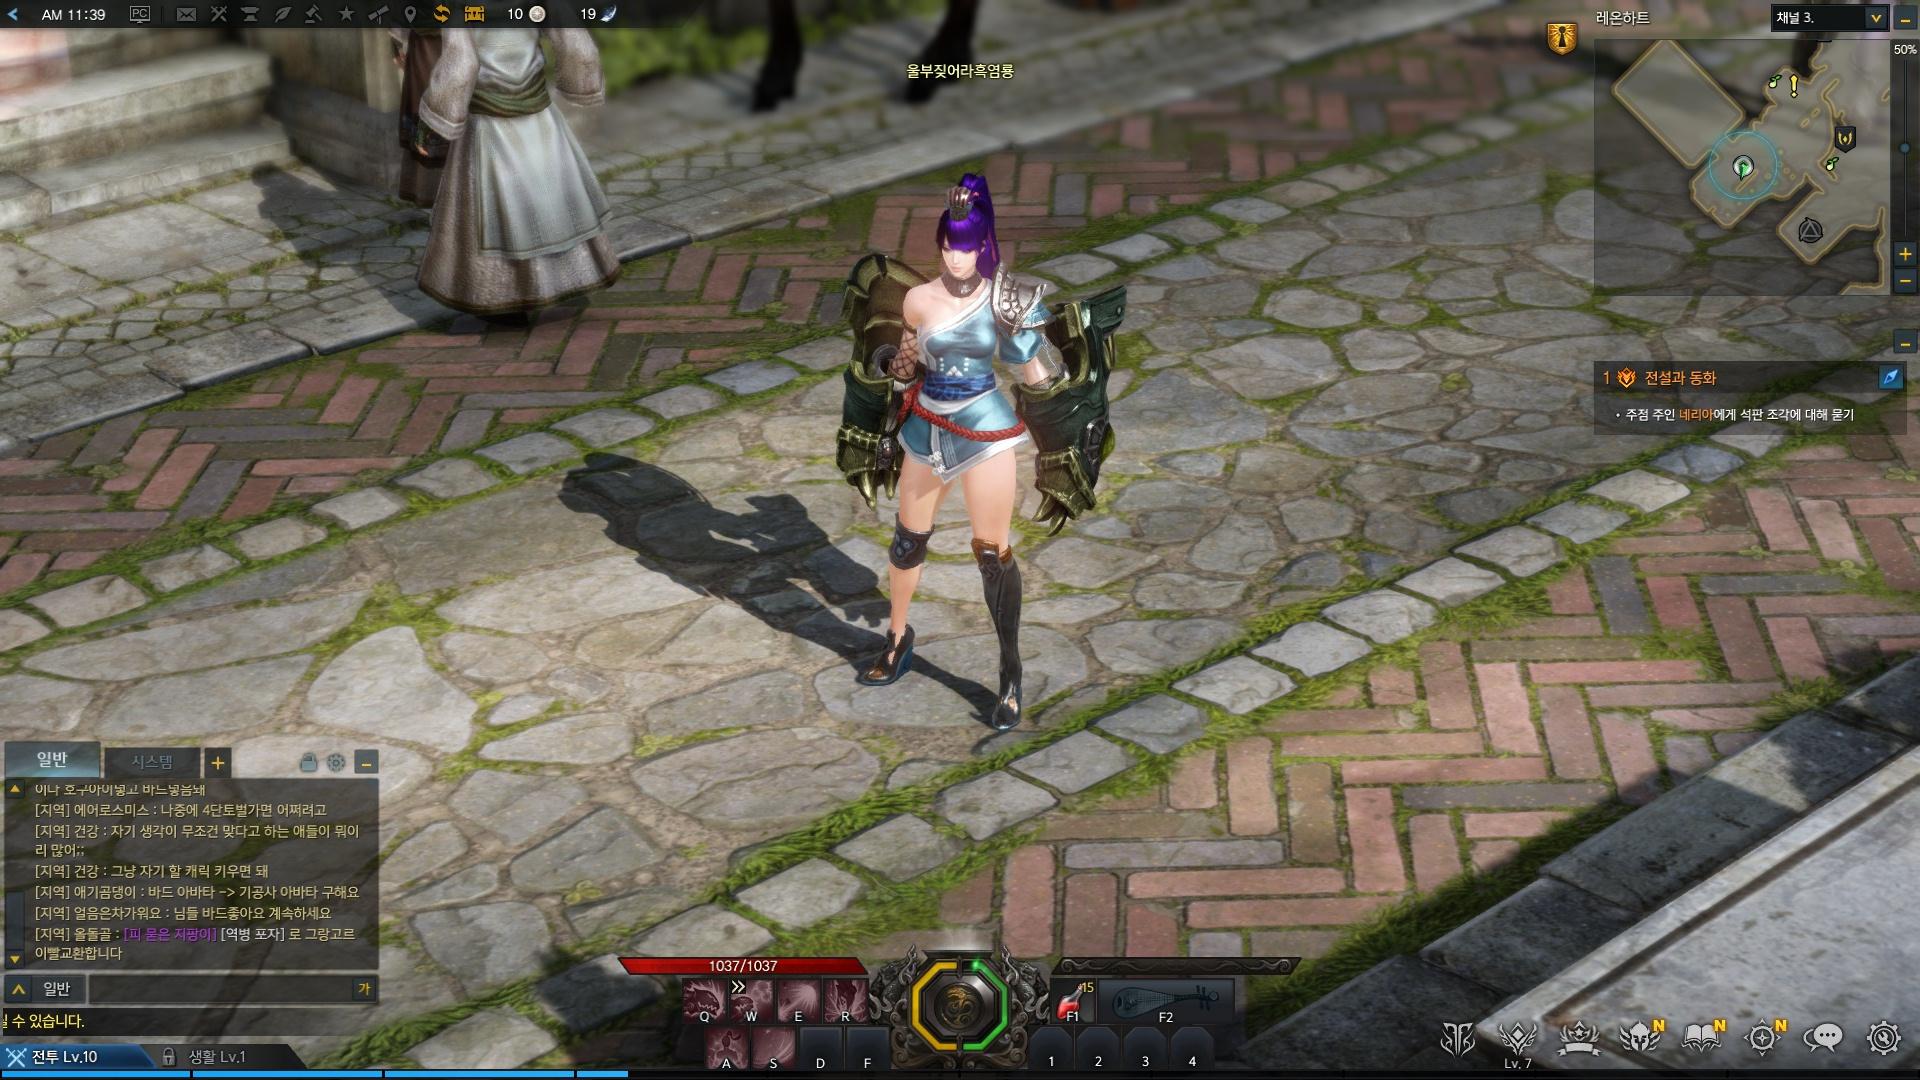 Screenshot_181115_113947.jpg